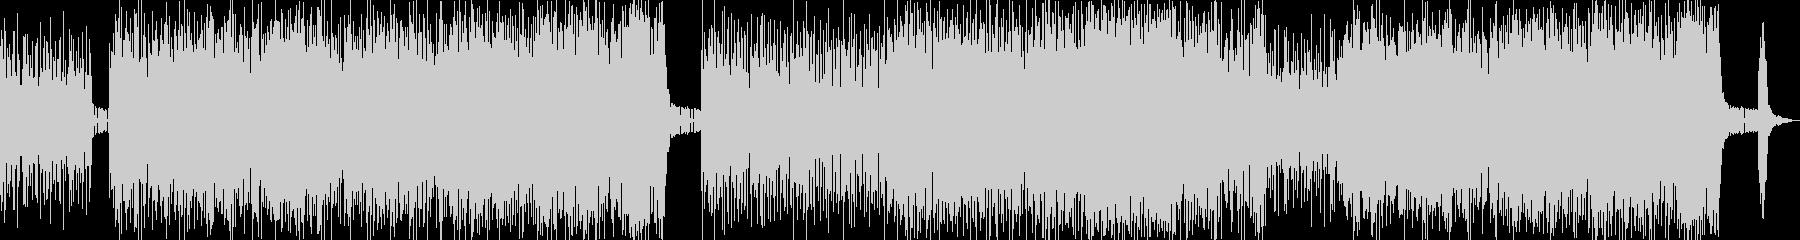 ヘヴィ+ストリングスのバトル曲の未再生の波形